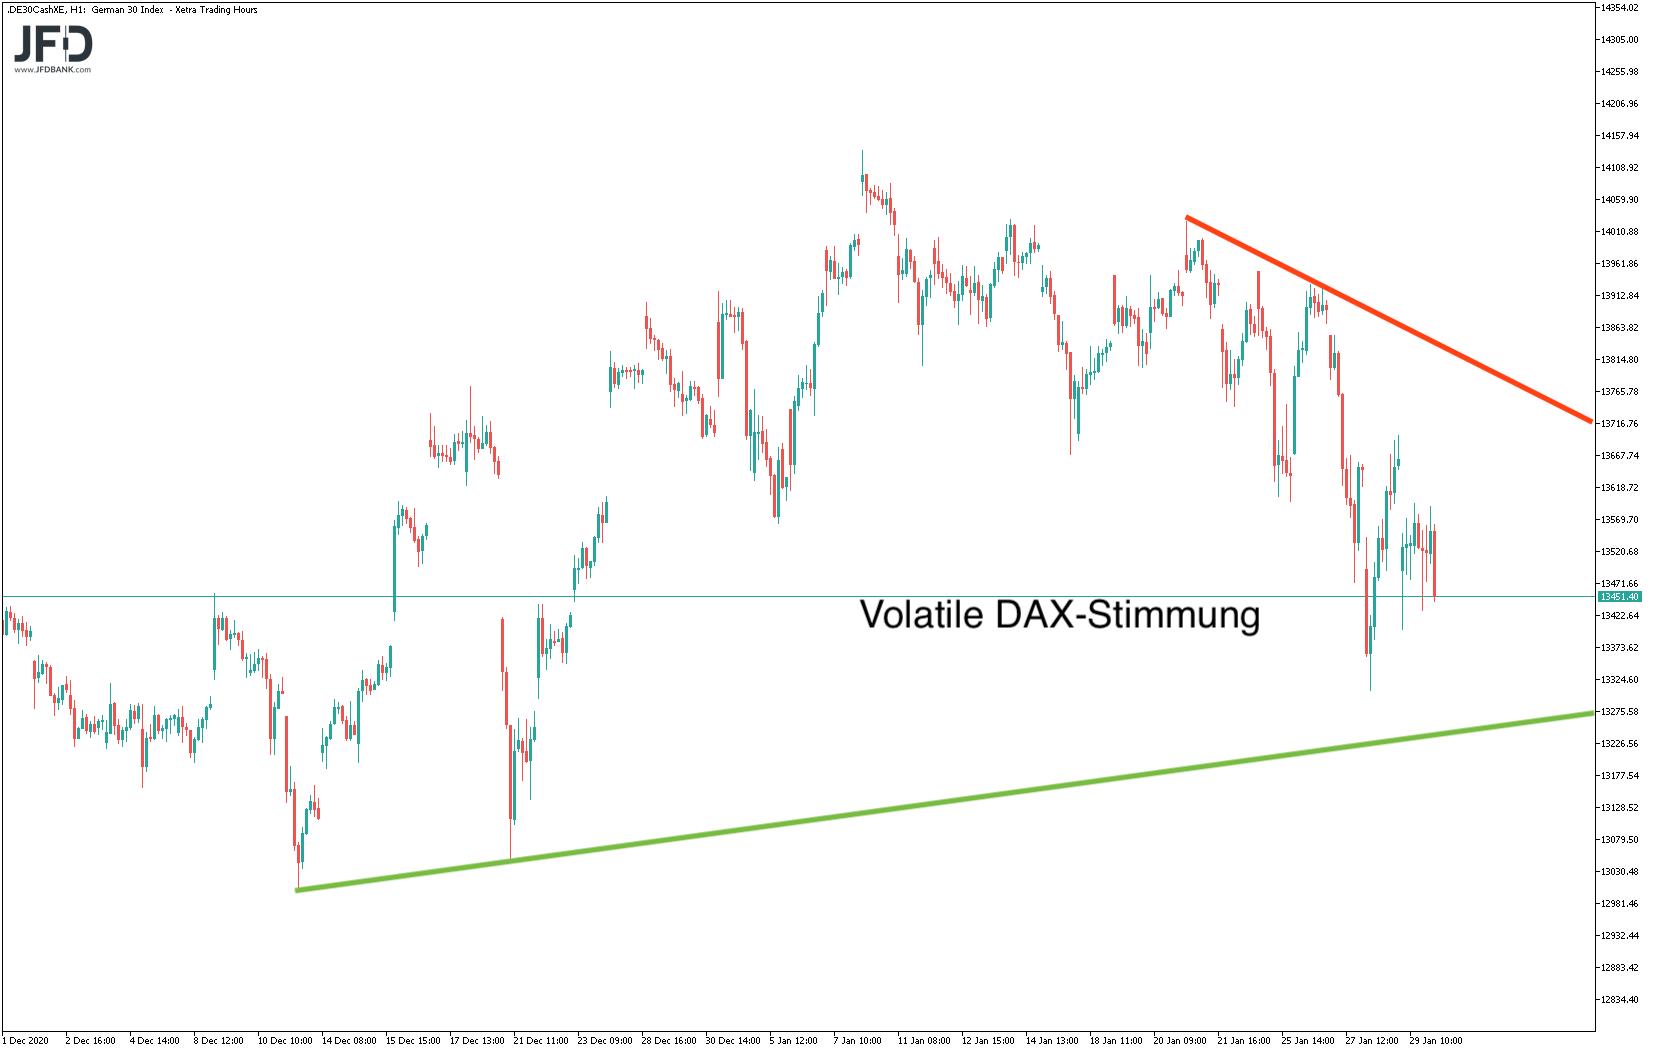 Dreieck im mittelfristigen DAX-Chart